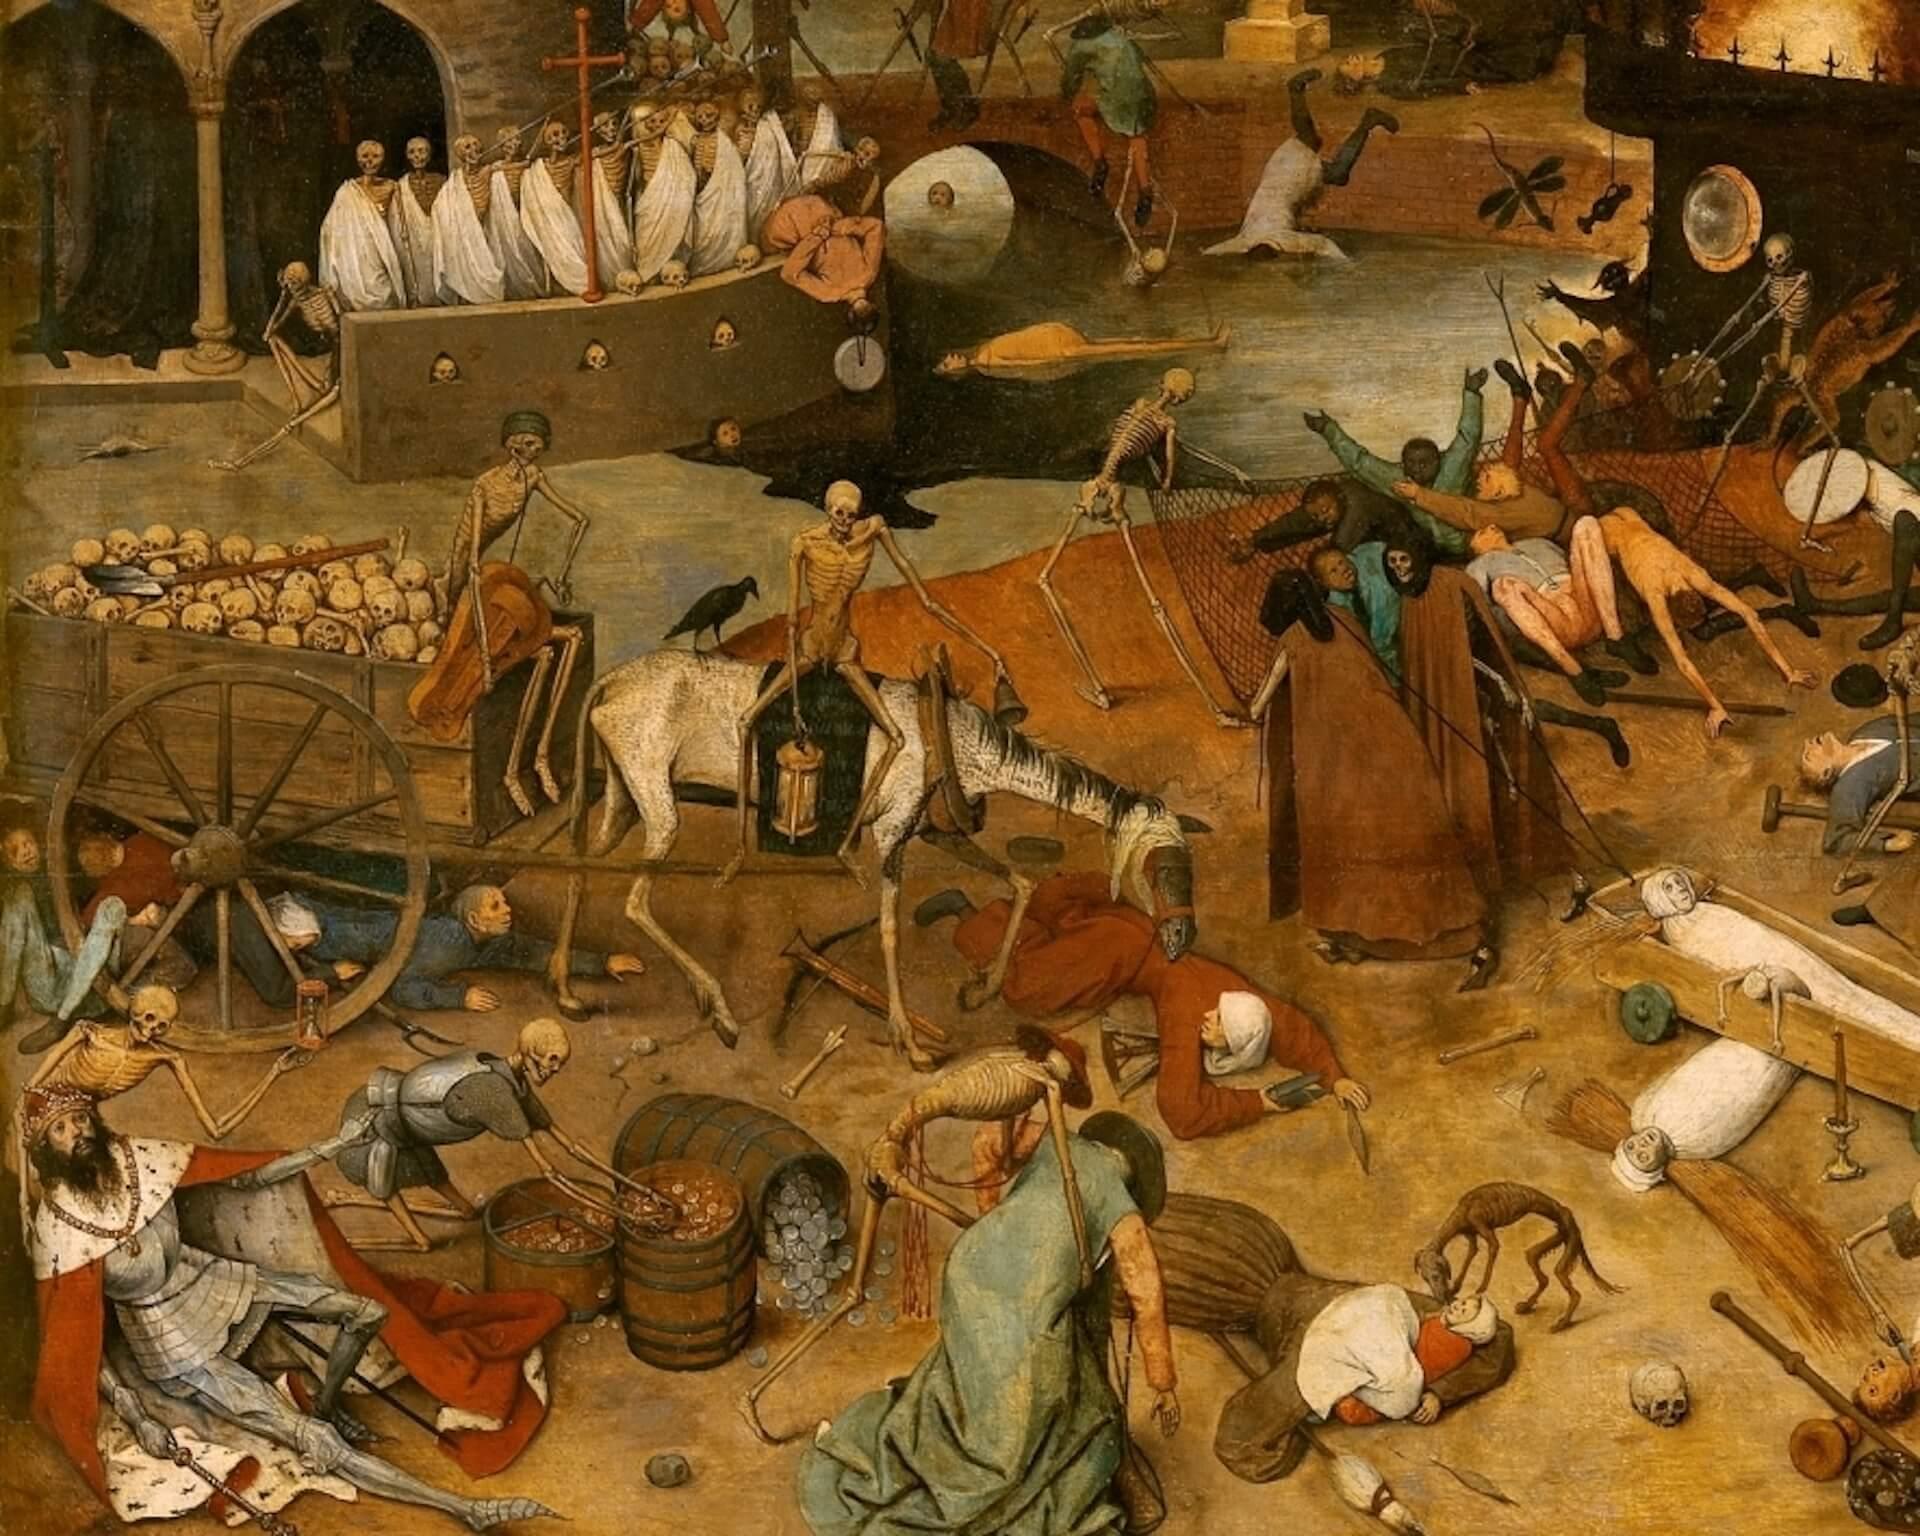 El triunfo de la muerte Bruegel el viejo